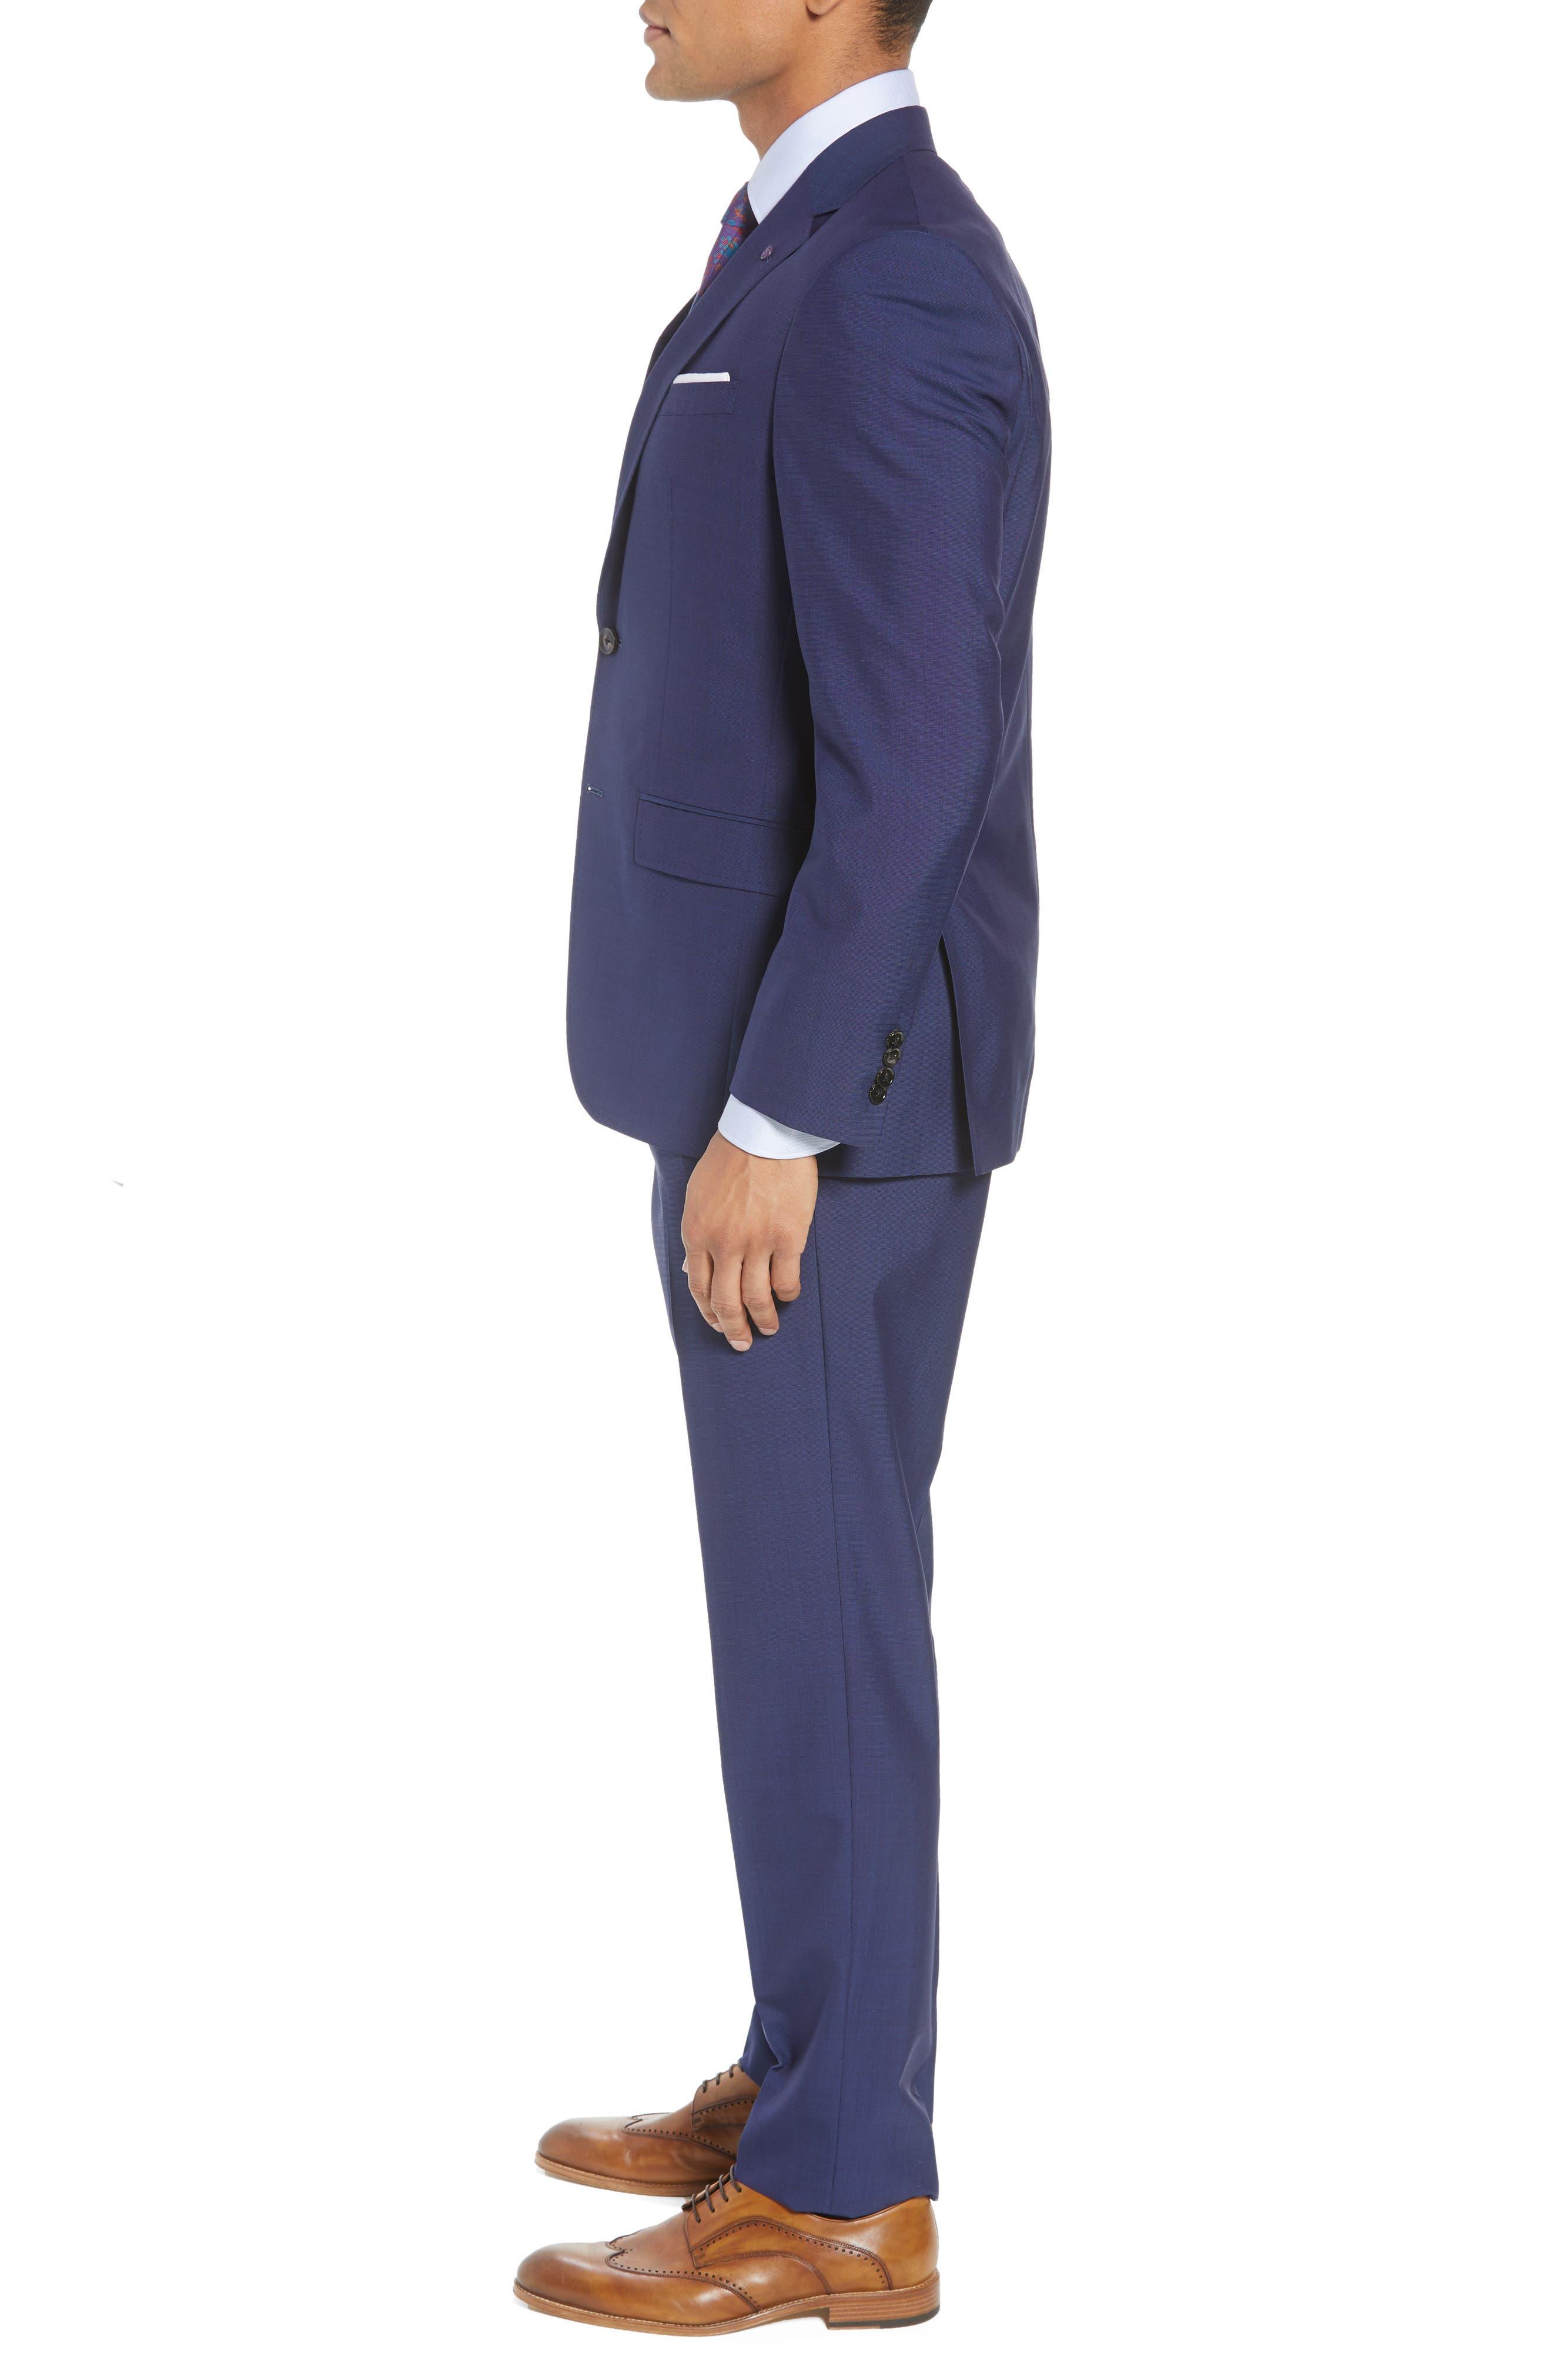 TED BAKER LONDON, Jay Trim Fit Suit, Alternate thumbnail 3, color, BLUE